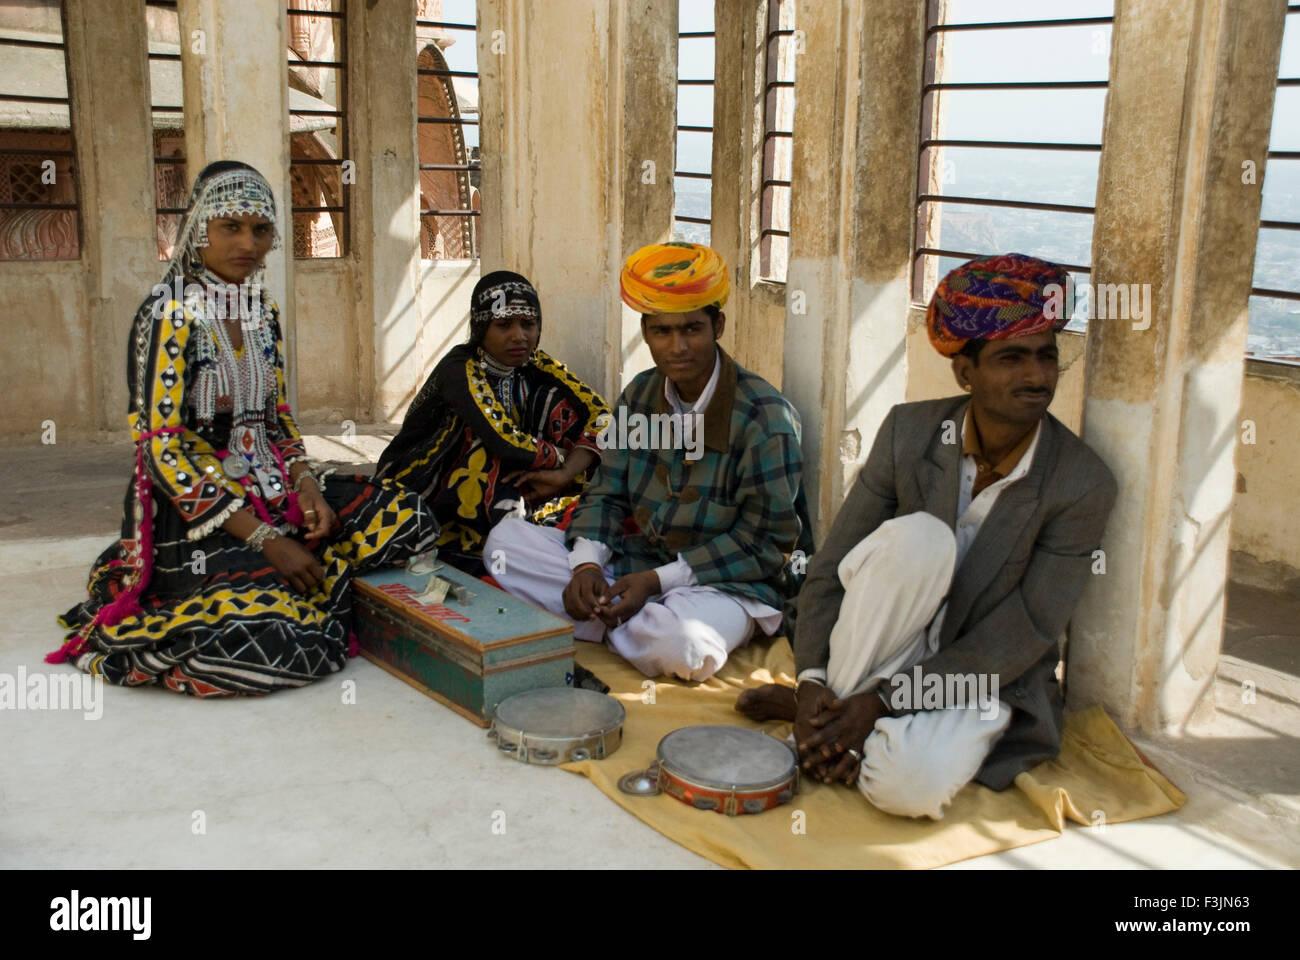 Kalbelia dancing troop at Mehrang Garh fort ; Jodhpur ; Rajasthan ; India NO MR - Stock Image